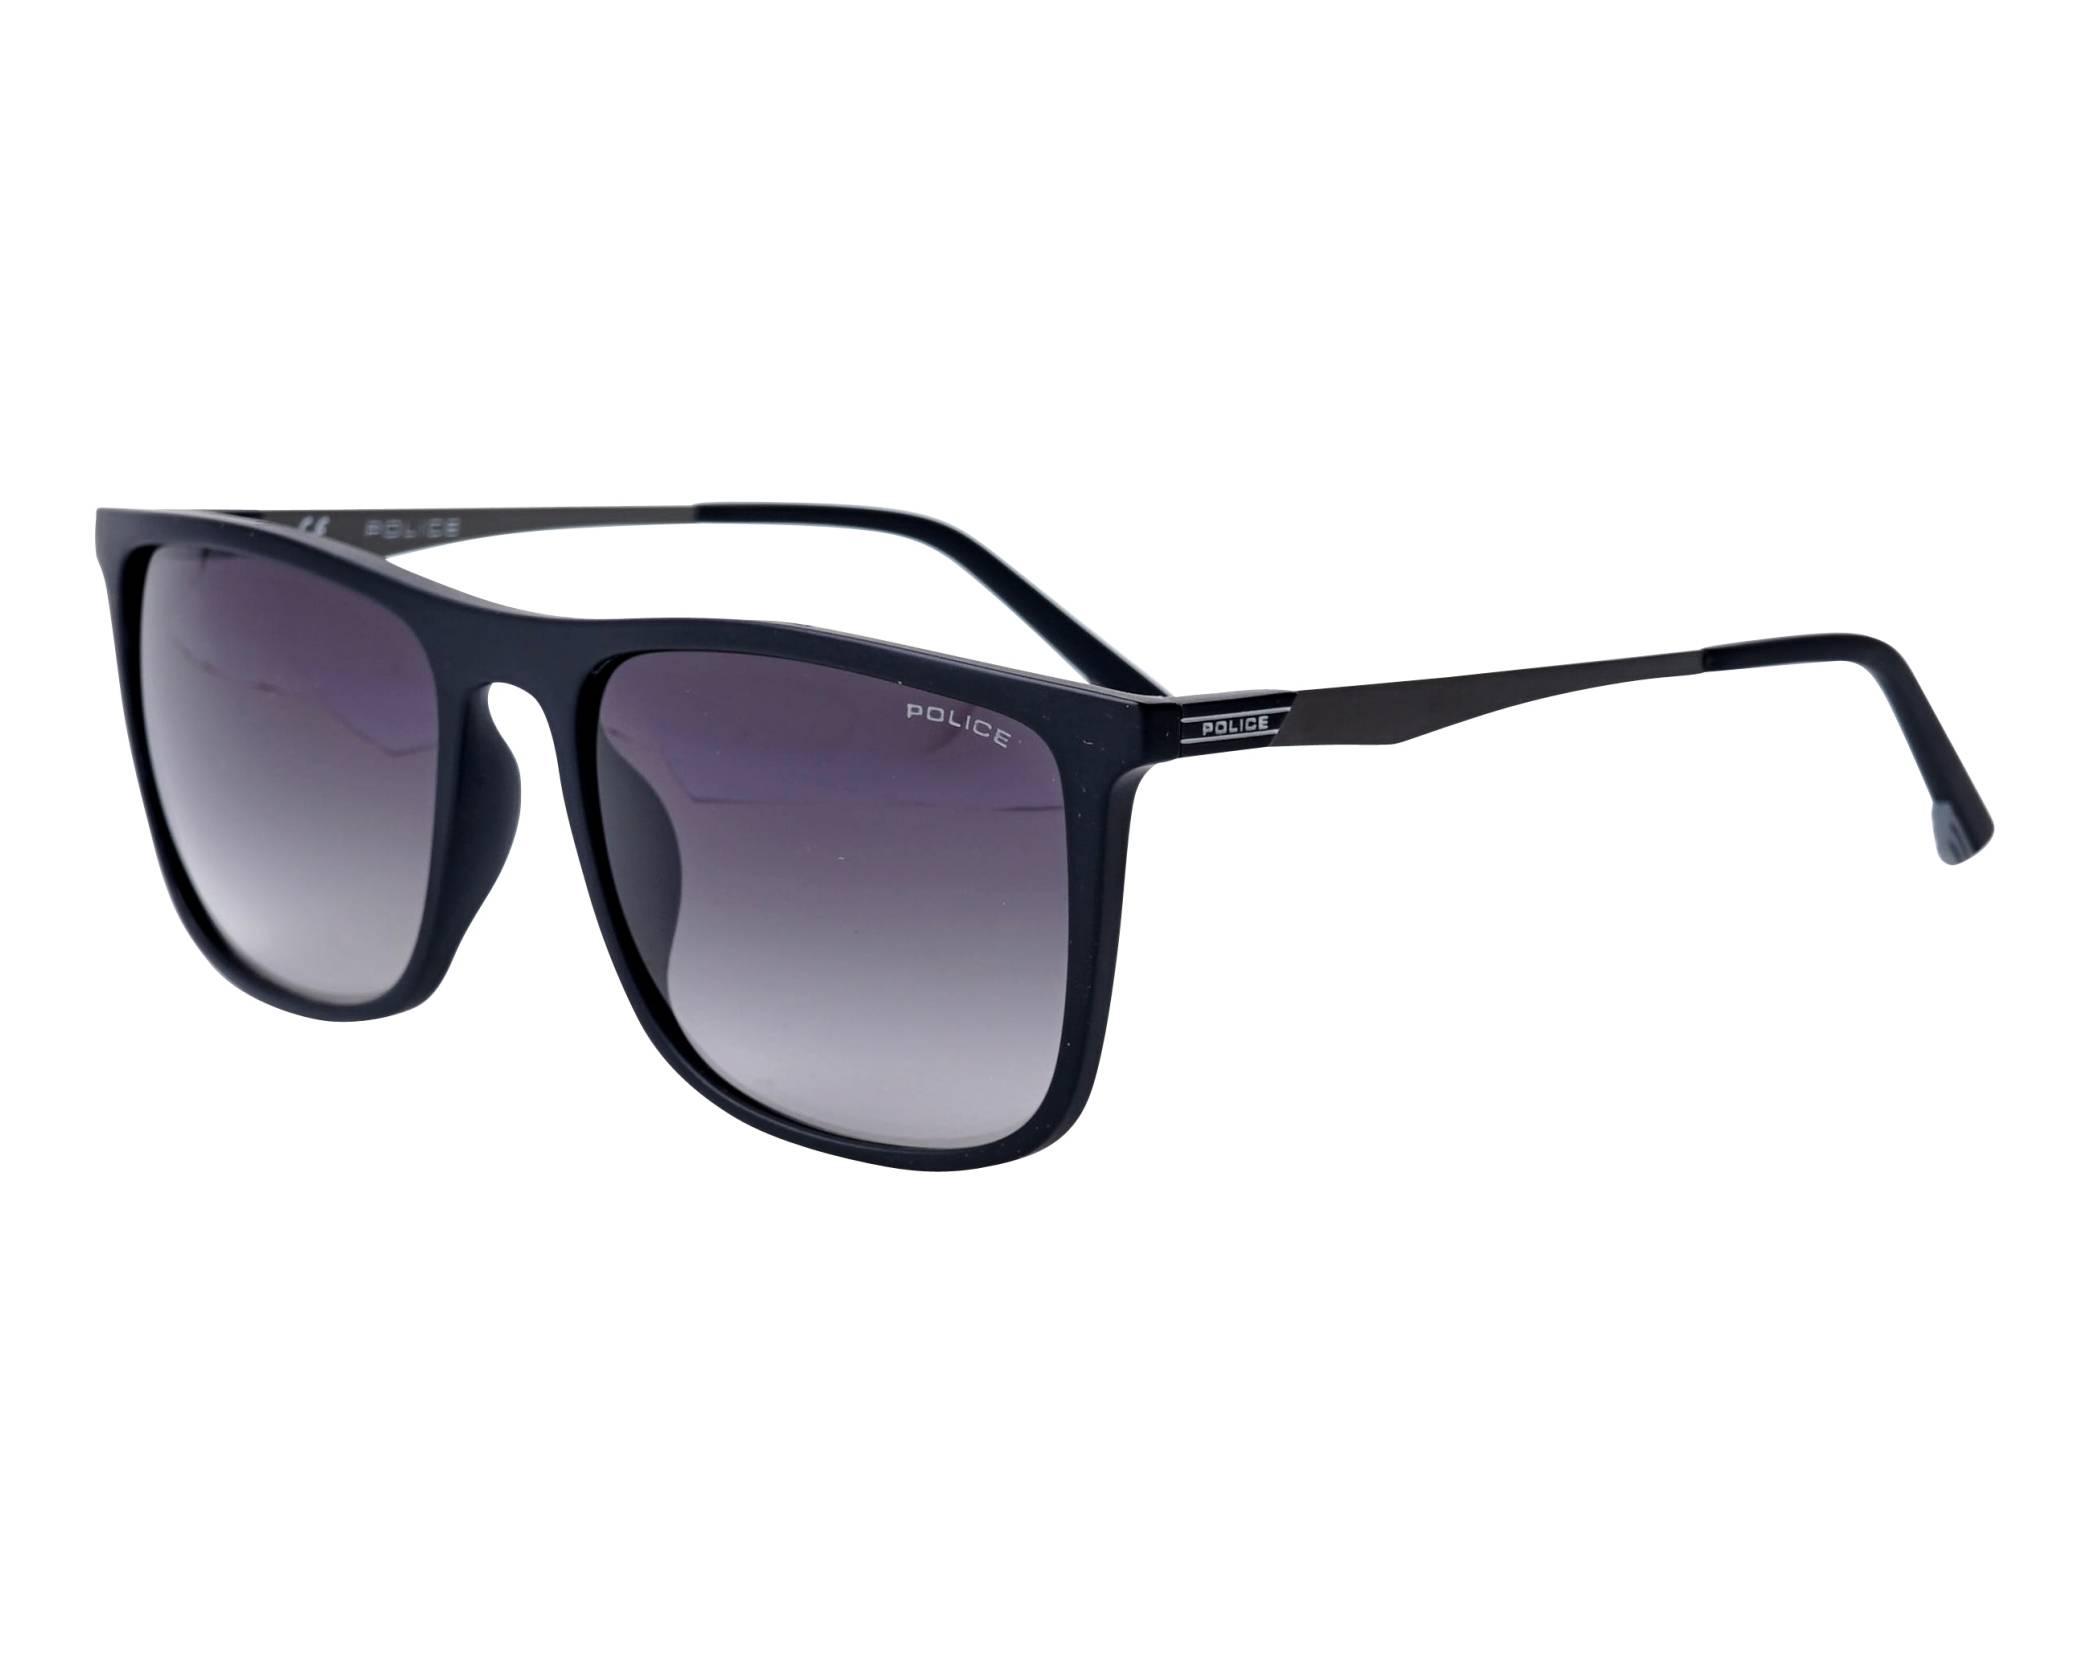 c9aacf50f1 Gafas de sol Police SPL-770 0U28 55-18 Negra vista de perfil